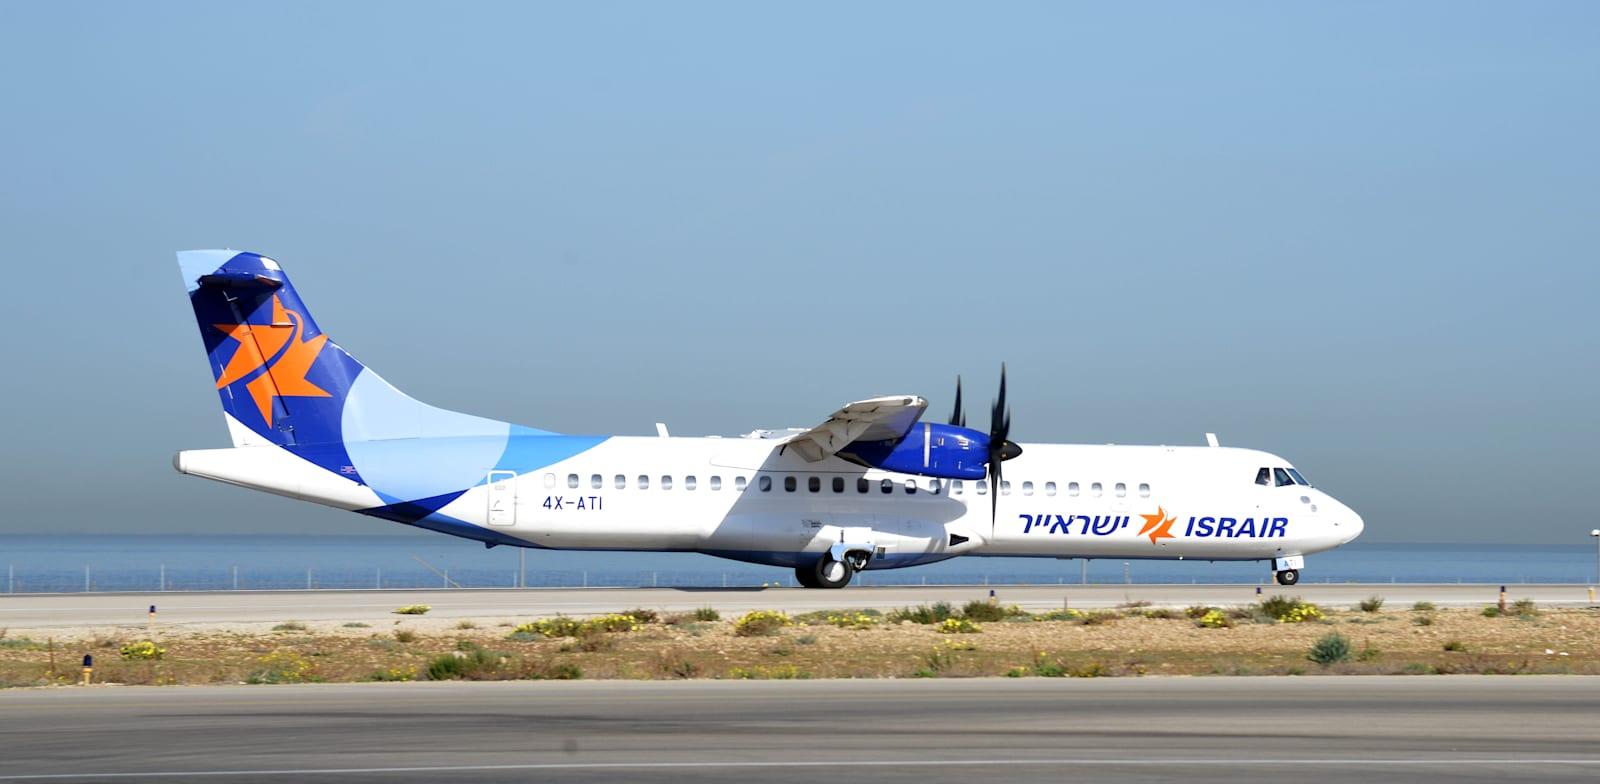 מטוס של ישראייר / צילום: תמר מצפי